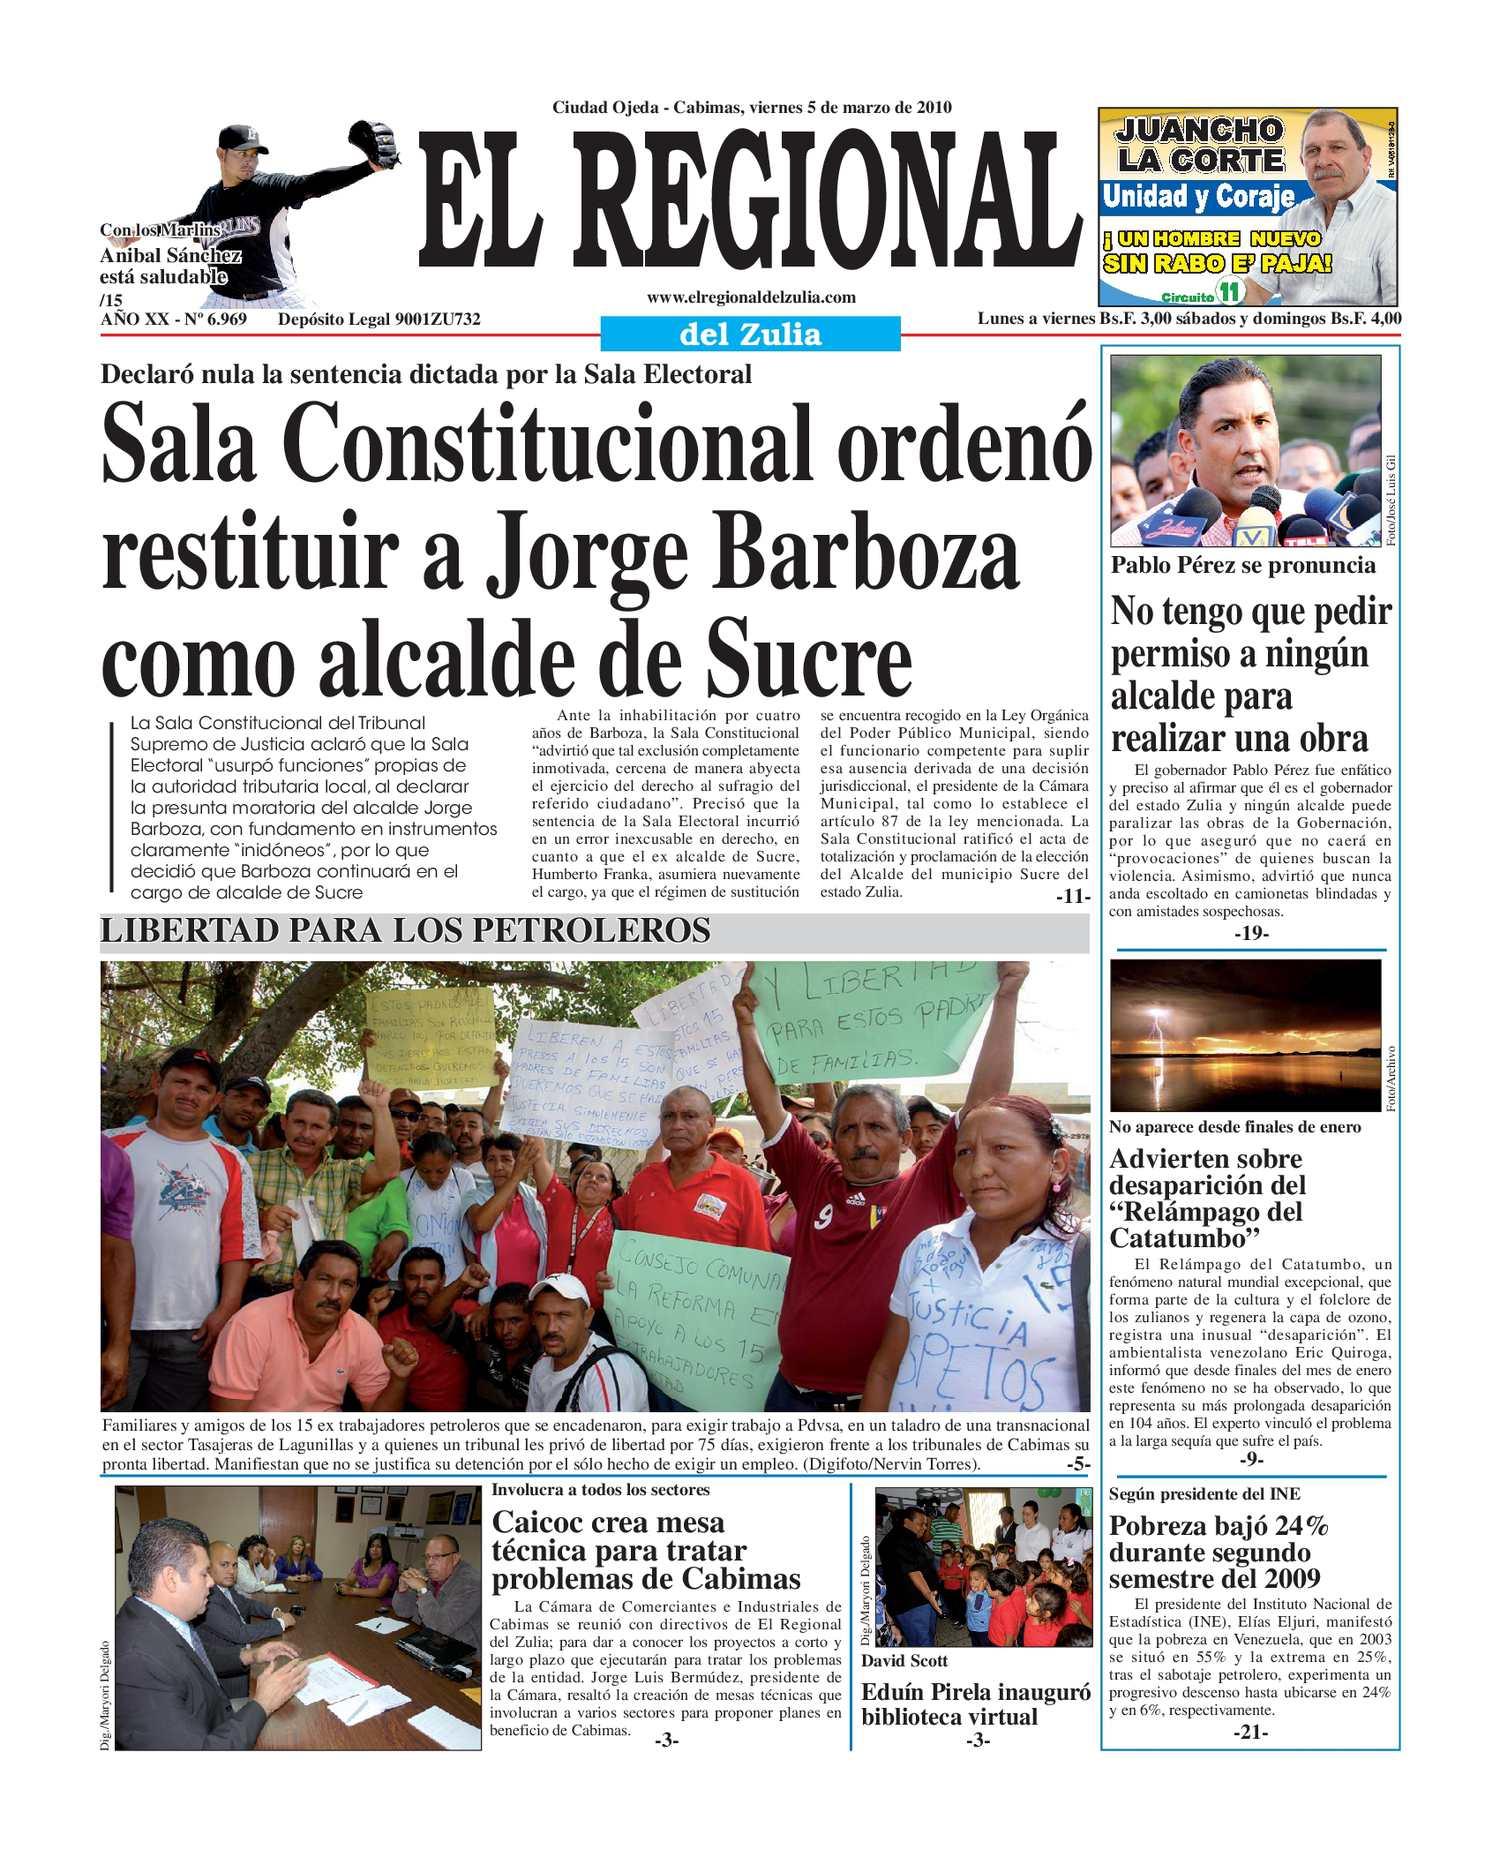 El Regional Del Zulia 05-03-2010